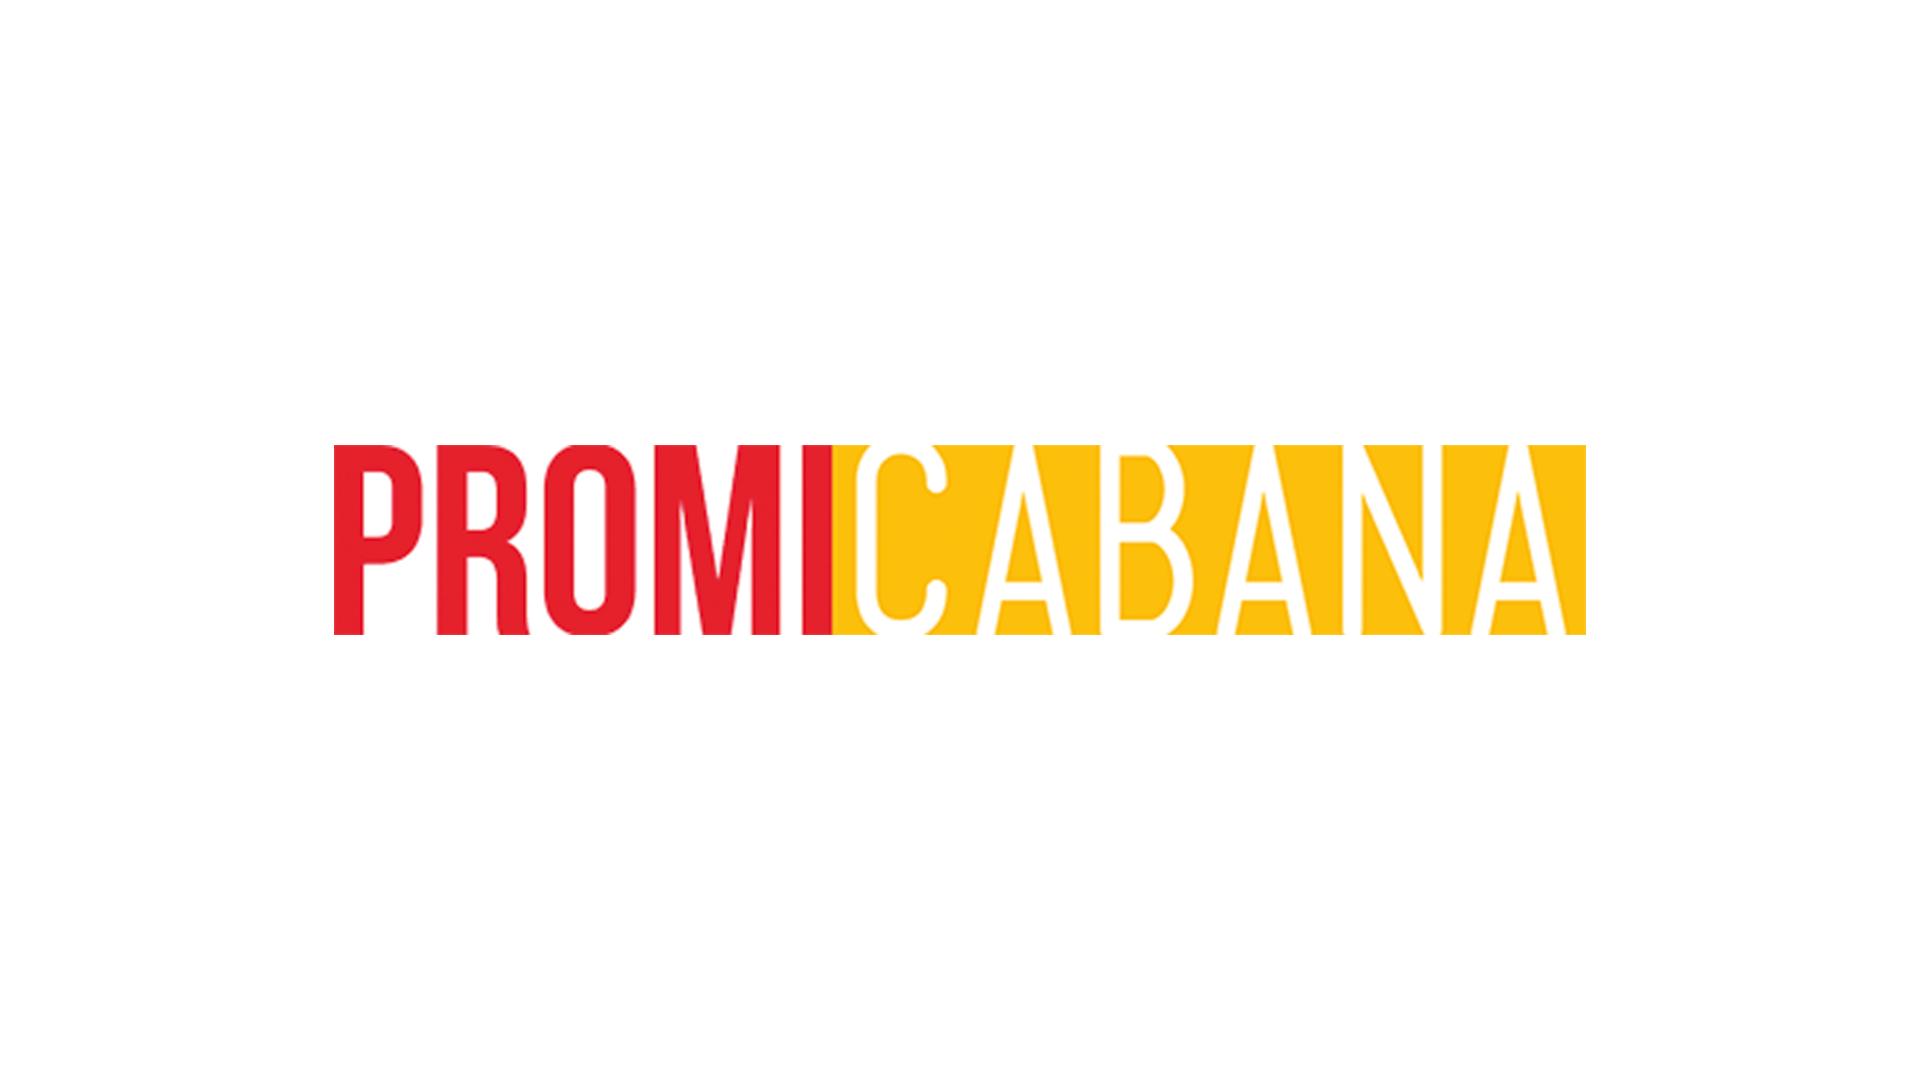 American-Horror-Story-My-Roanoke-Nightmare-Title